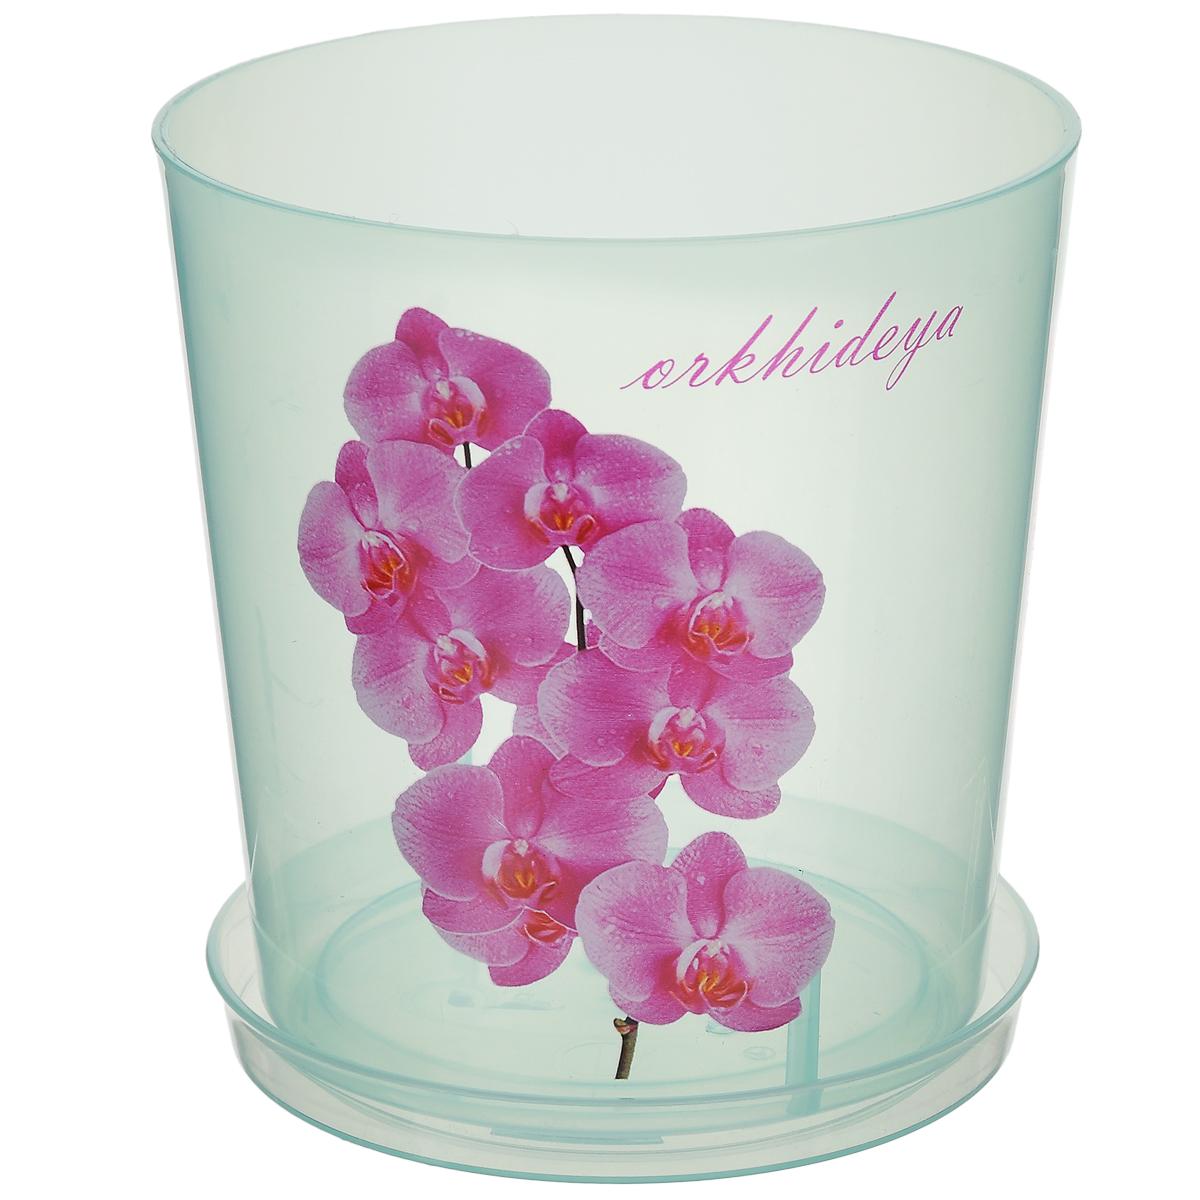 Горшок для орхидей Альтернатива, цвет: зеленый, 1,8 лМ1453Горшок для орхидей Альтернатива изготовлен из прочного прозрачного пластика. Внешние стенки оформлены изысканным изображением розовых цветков орхидеи и надписью Orkhideya. Горшок оснащен поддоном. Диаметр горшка (по верхнему краю): 14 см. Высота горшка: 15 см.